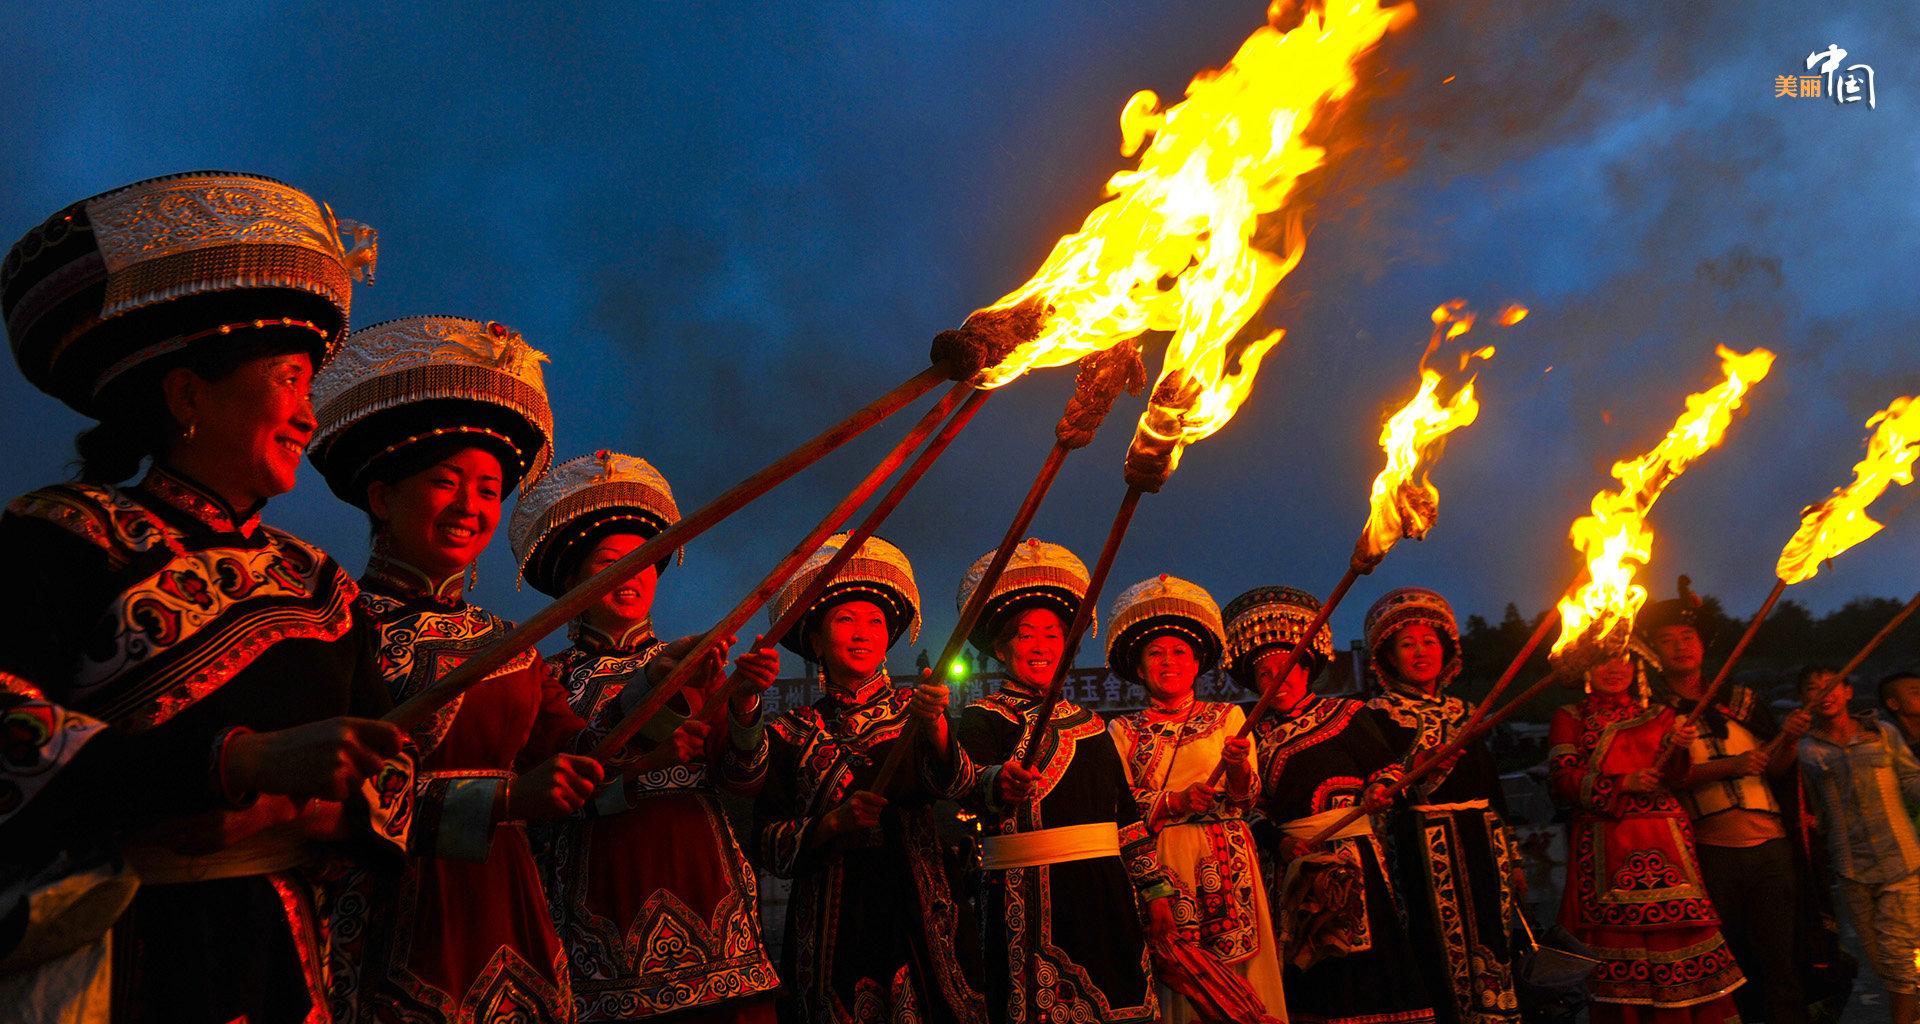 彝族的火把节_凉之都_美丽中国_央视网